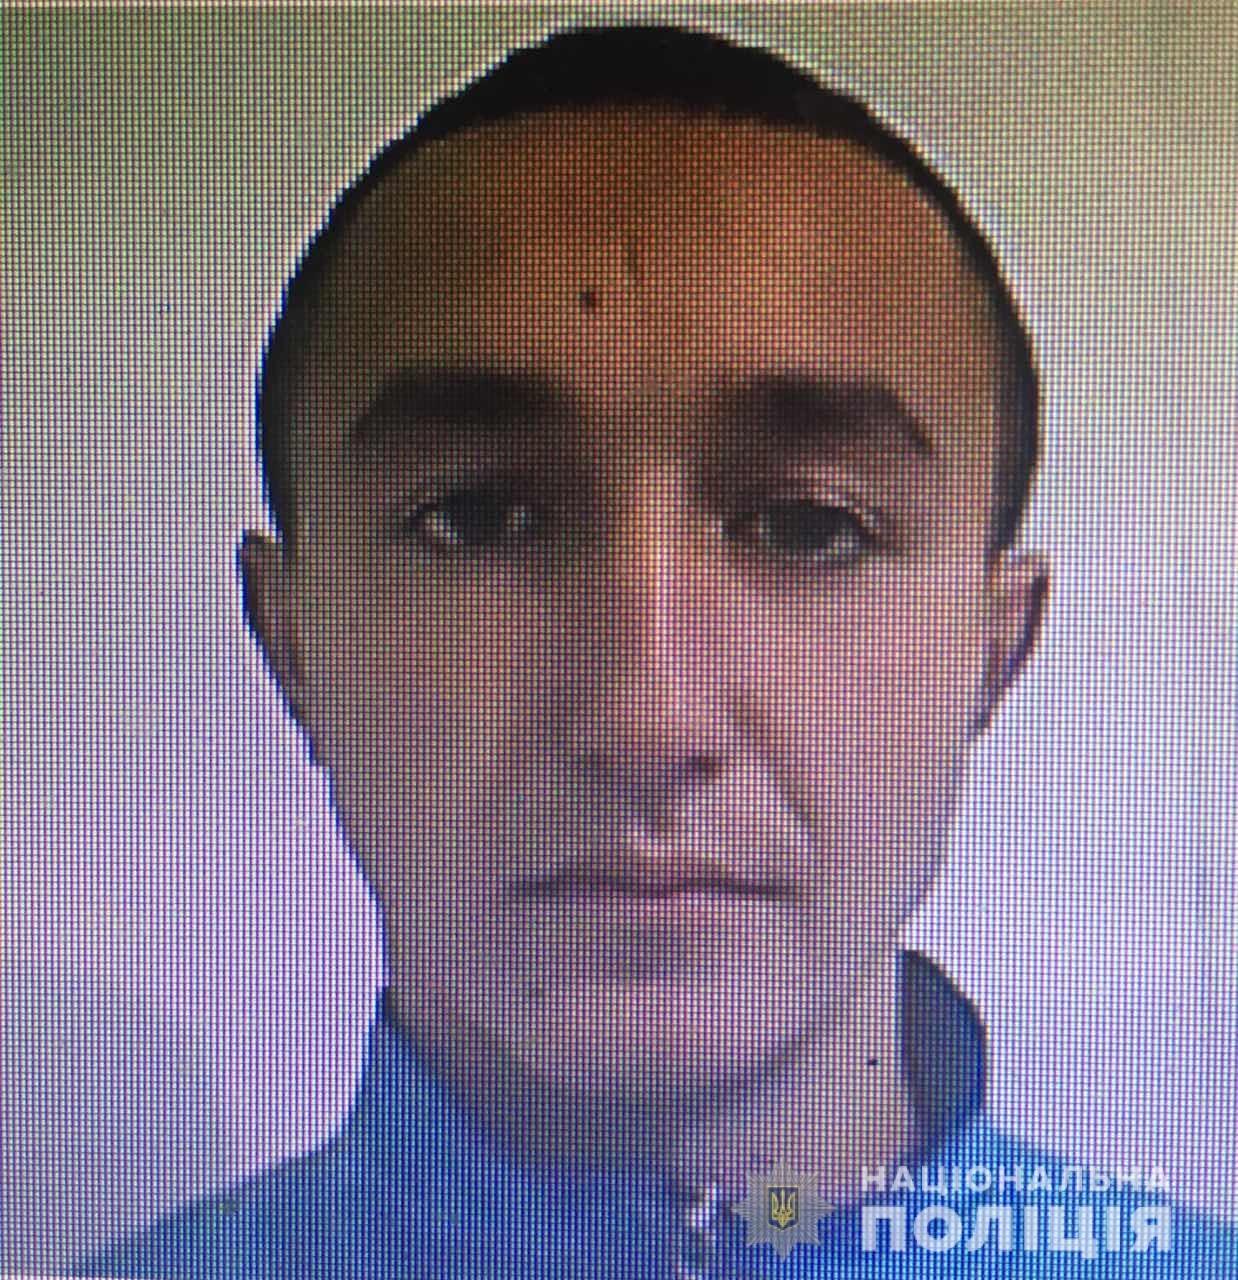 Поліція та рідні розшукують 25-річного закарпатця, який зник тиждень тому (ПРИКМЕТИ), фото-1